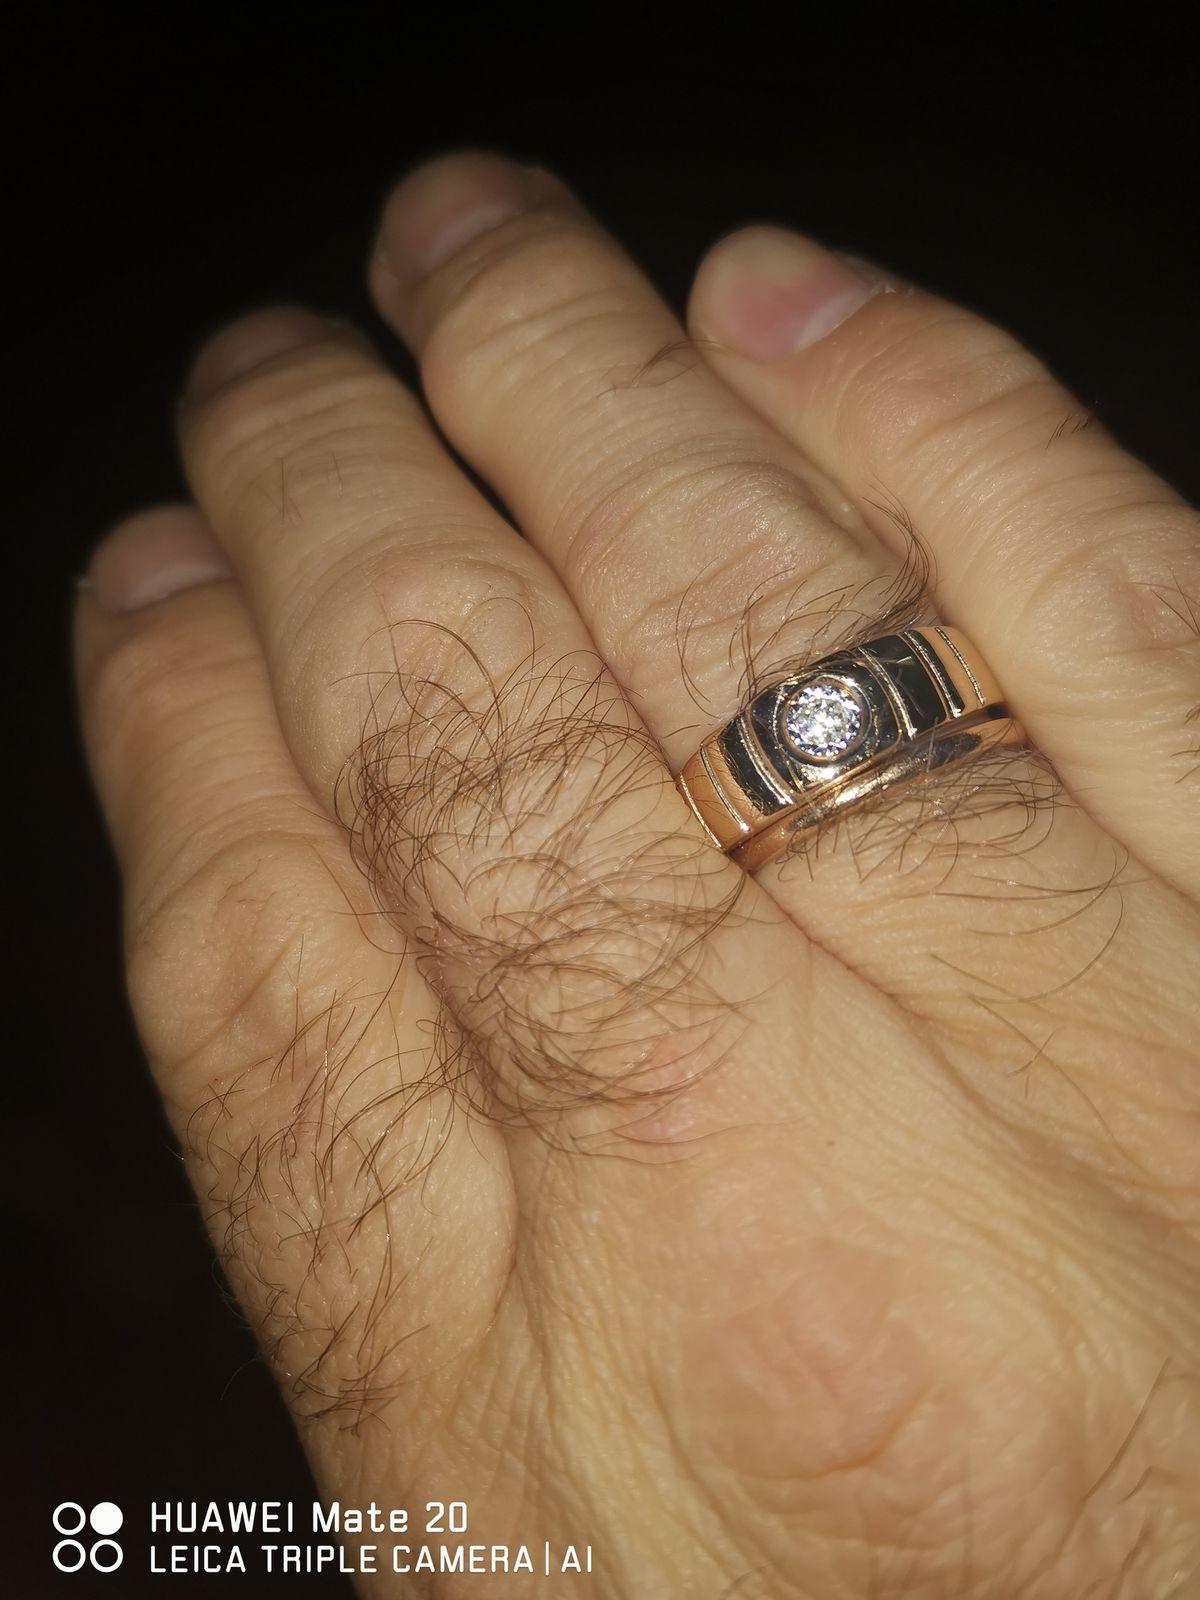 Кольцо очень мне понравилось.